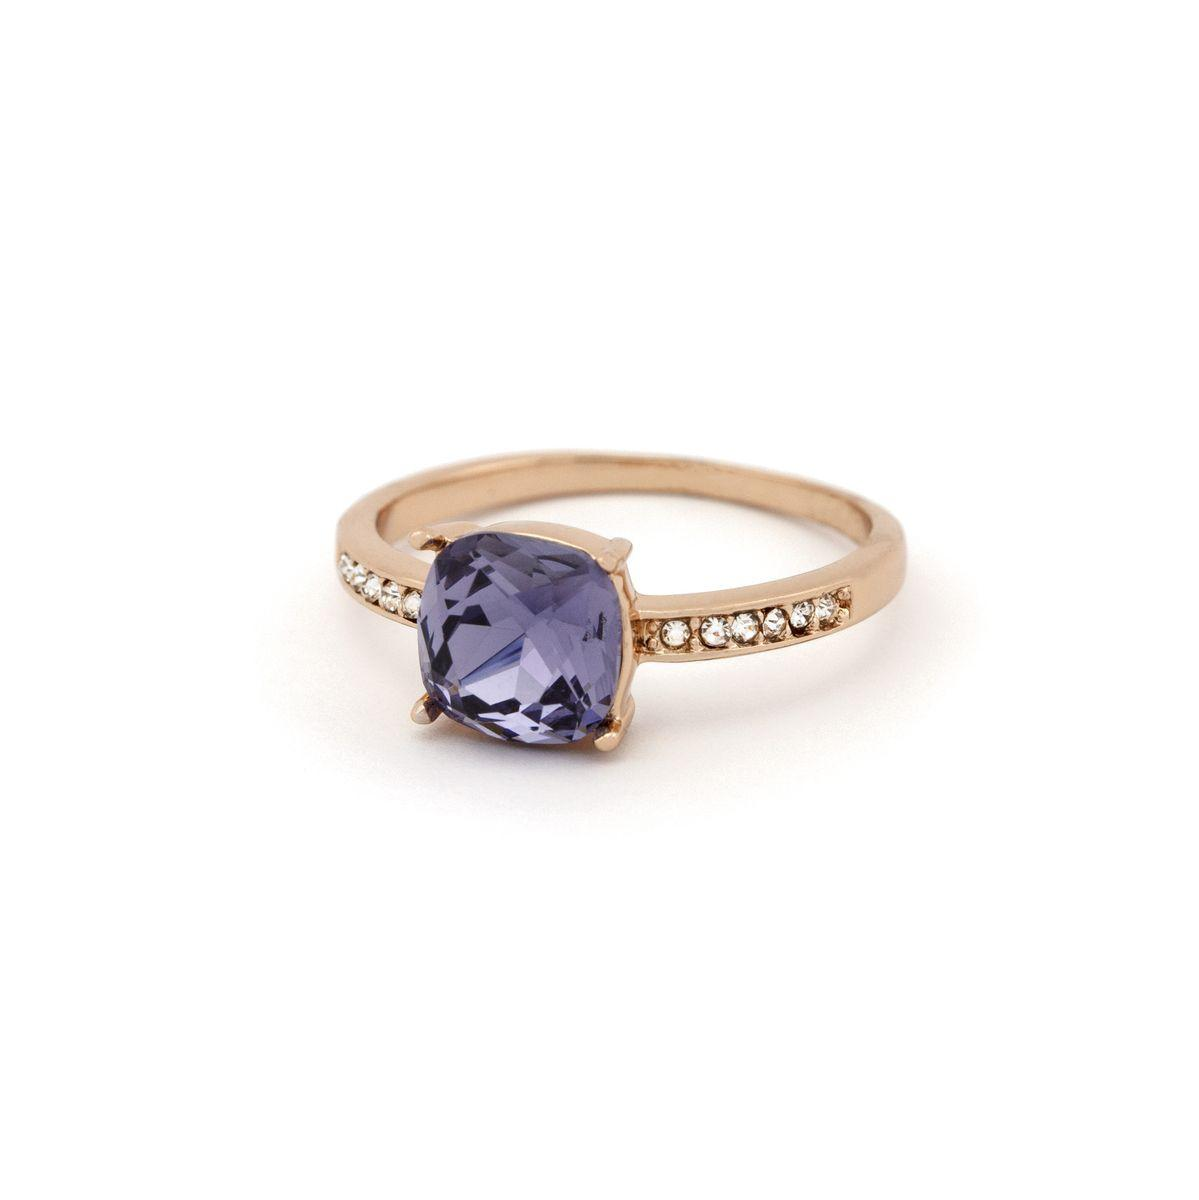 Кольцо с фиолетовым камне квадратной формы 678 KH01 AC